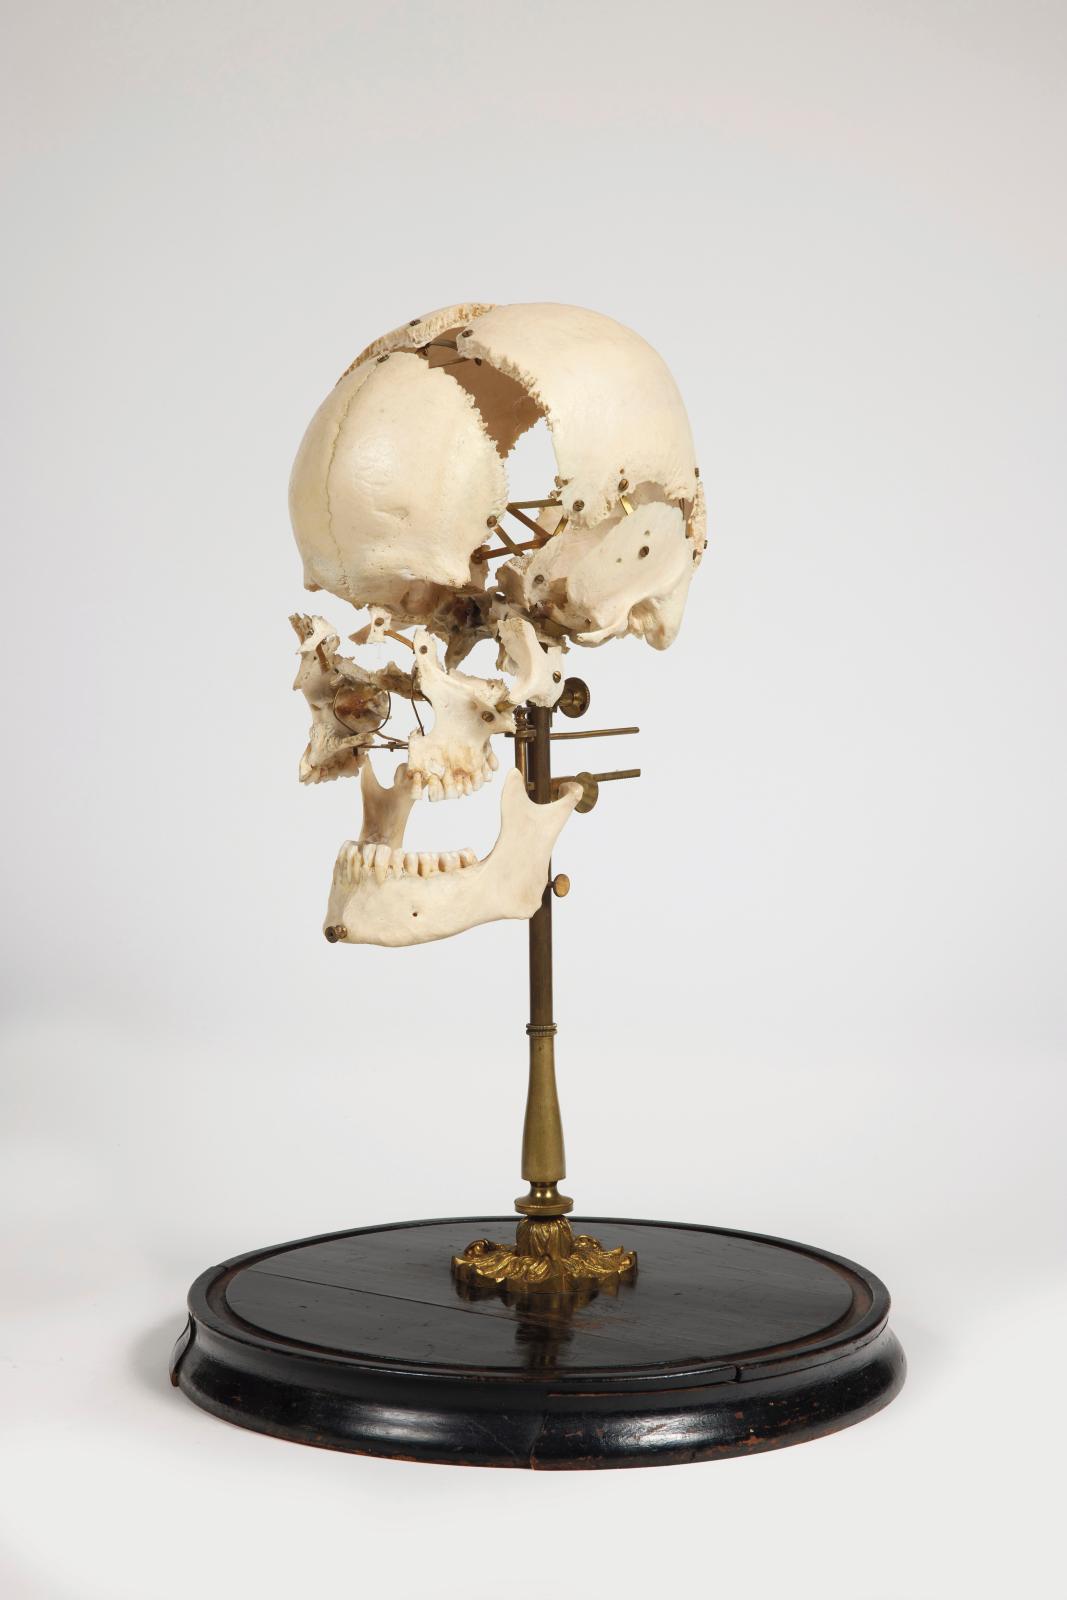 Voici un objet résumant parfaitement l'esprit «décalé» de cette collection. Ce crâne est «anthropométrique» (h.52 cm) c'est-à-dire désart